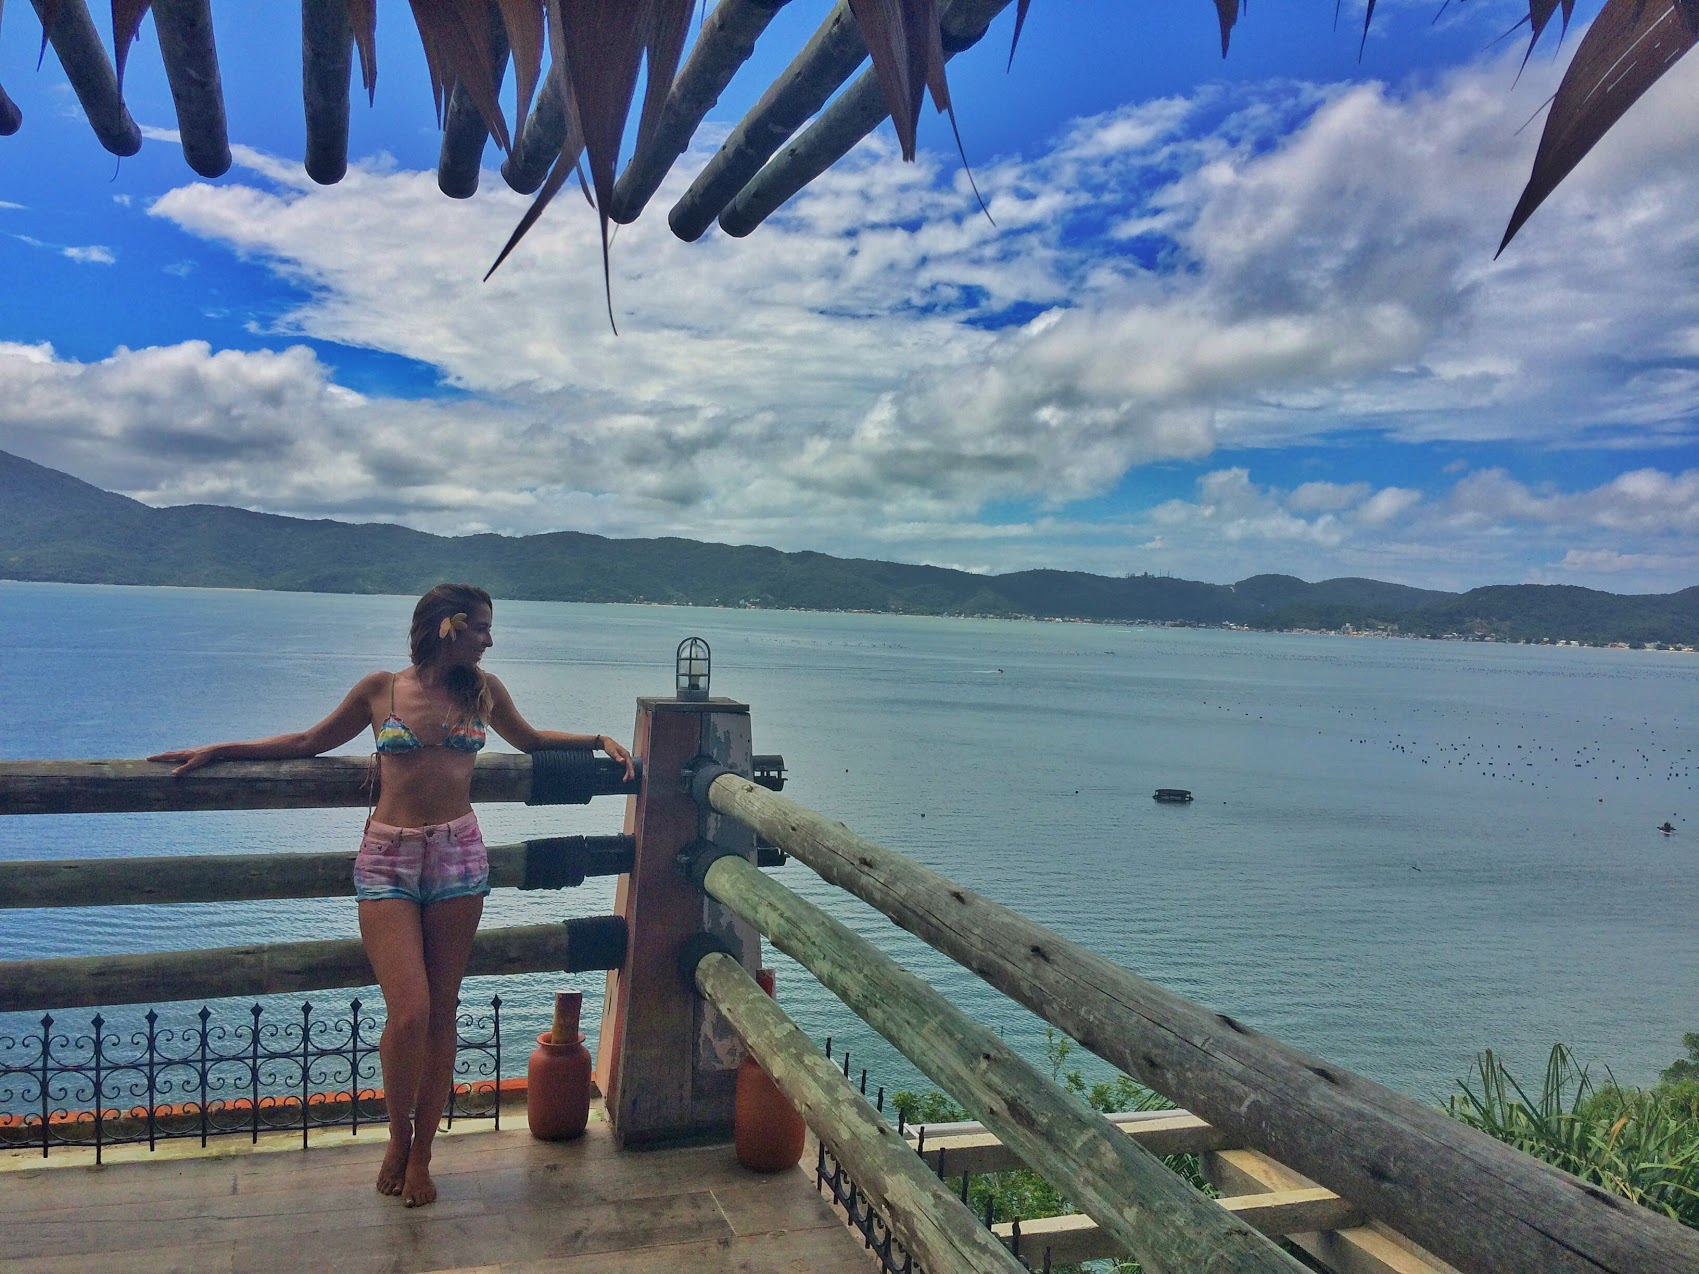 praia das tainhas, trilha das quatro ilhas, bombinhas, o que fazer em bombinhas, praias de bombinhas, bombinhas praias